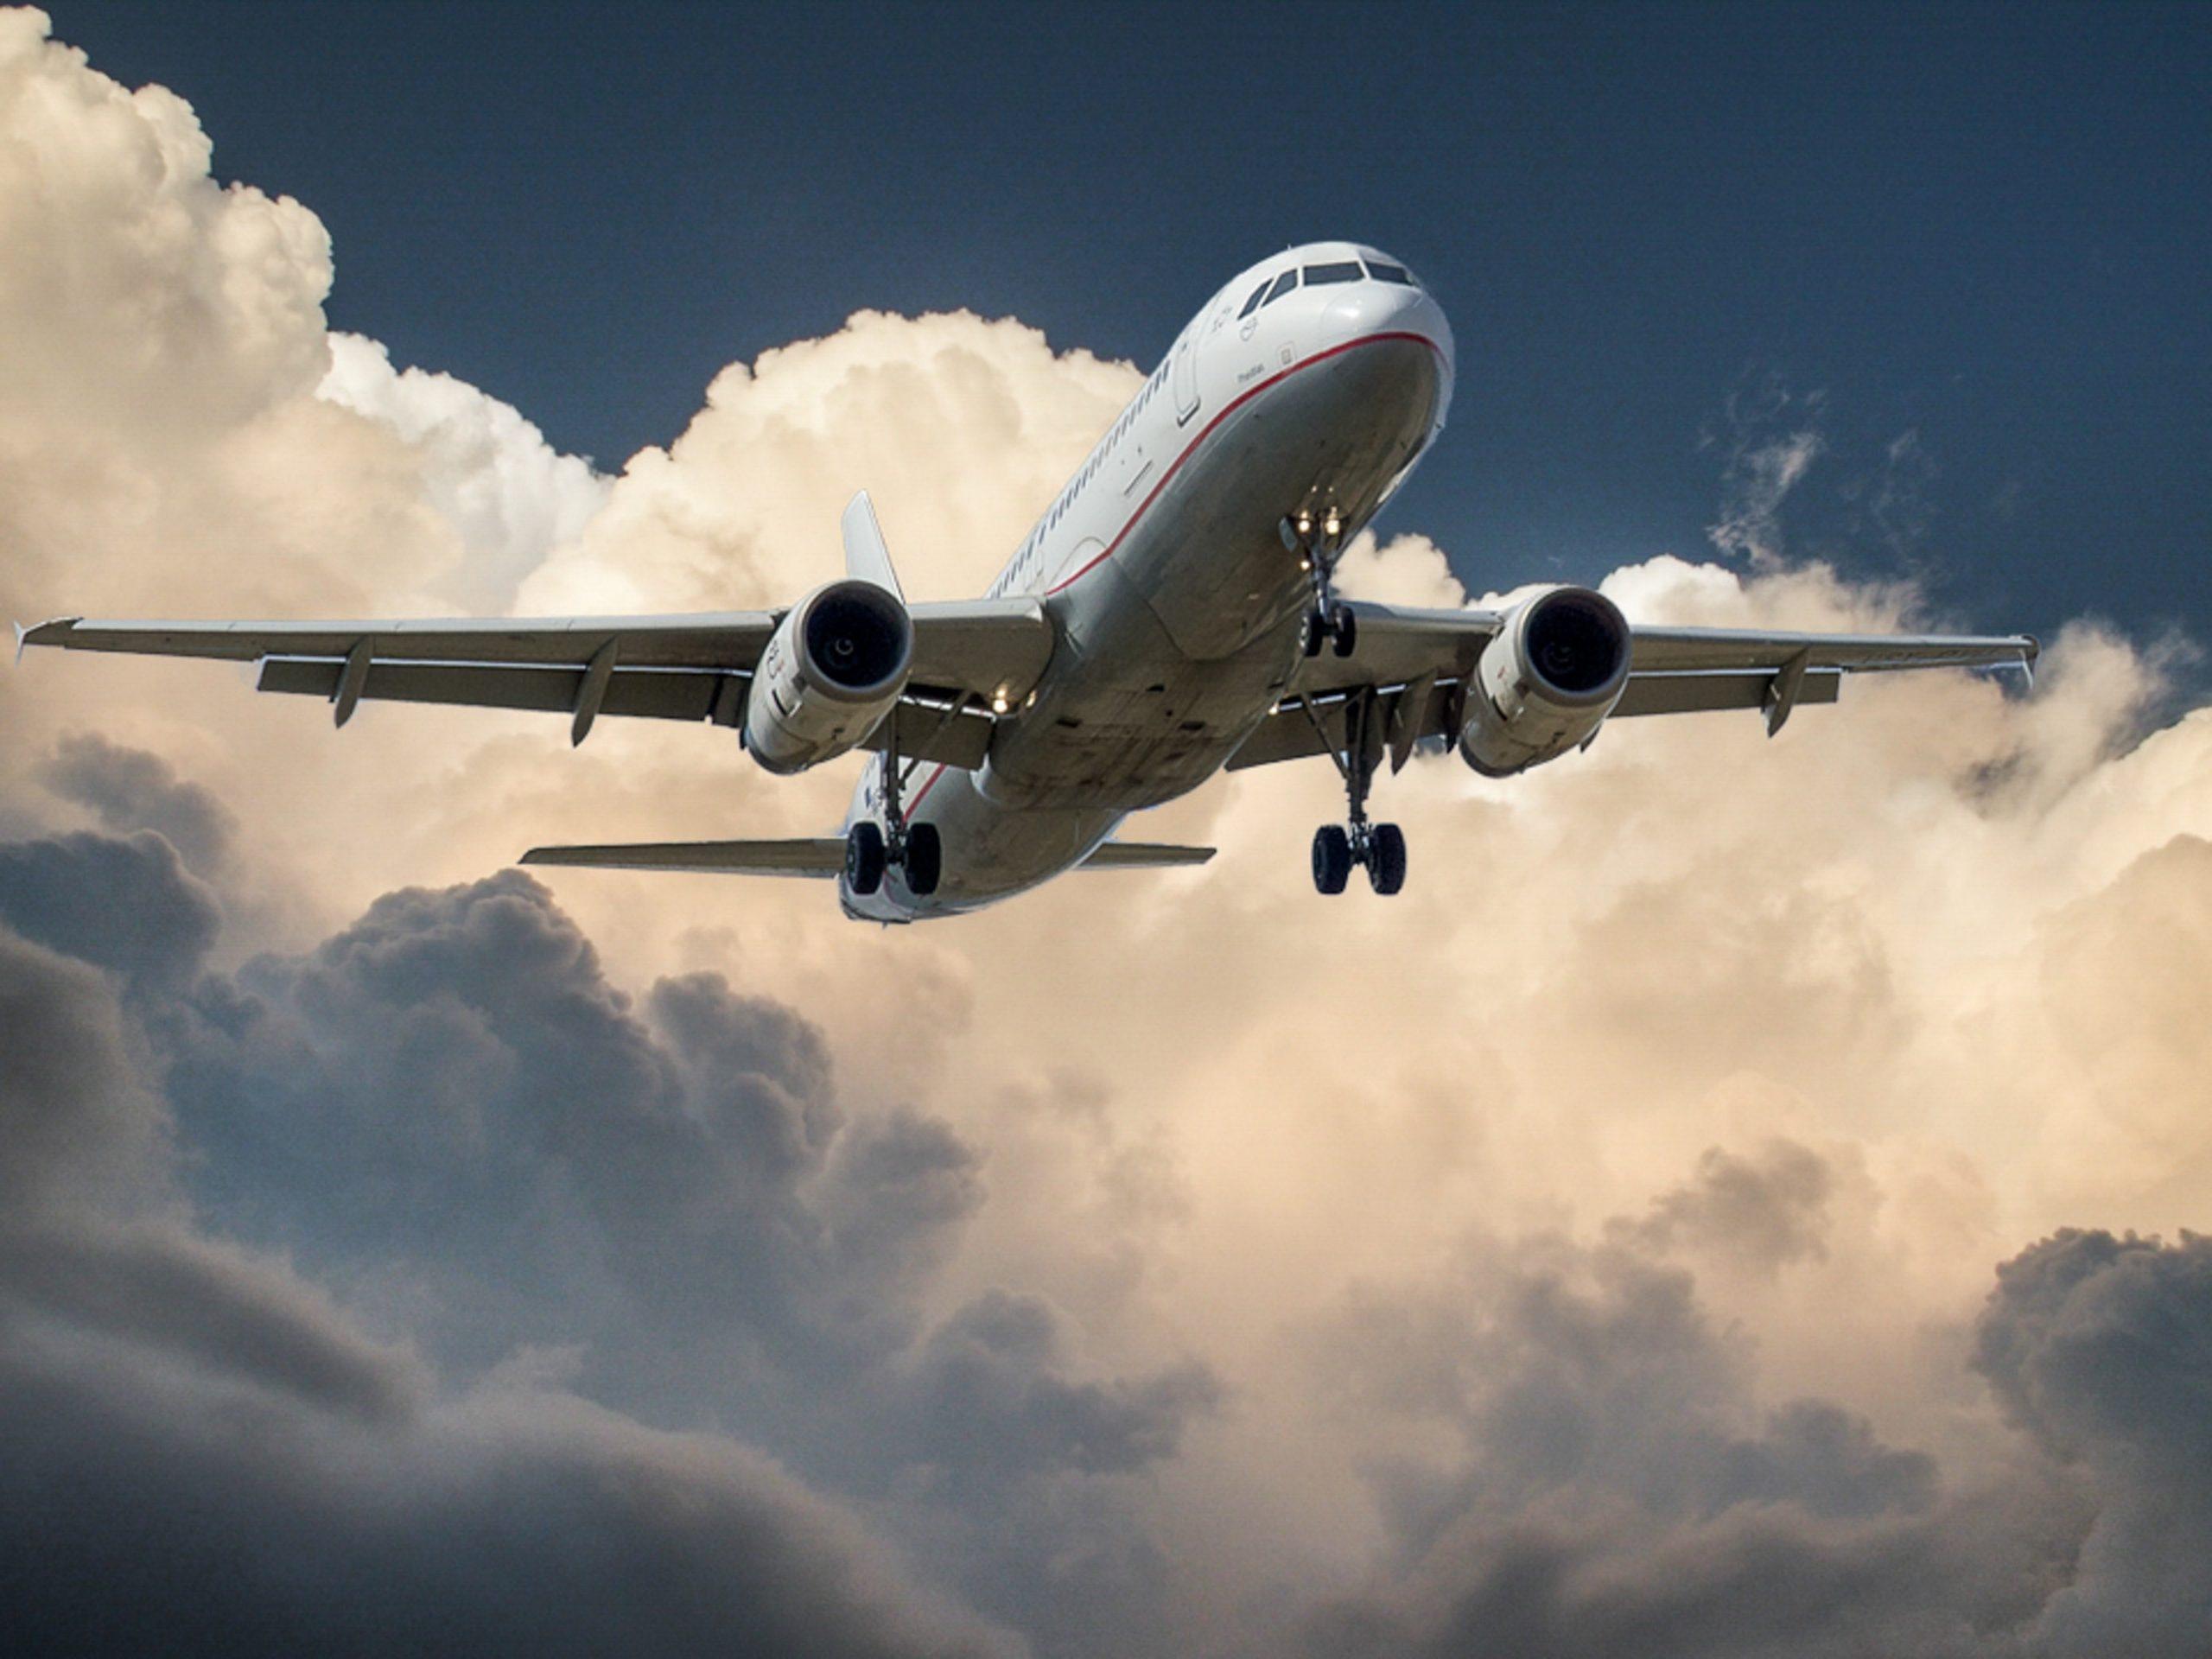 Companhia aérea deve indenizar cliente por falta de assistência em cancelamento de voo durante a pandemia